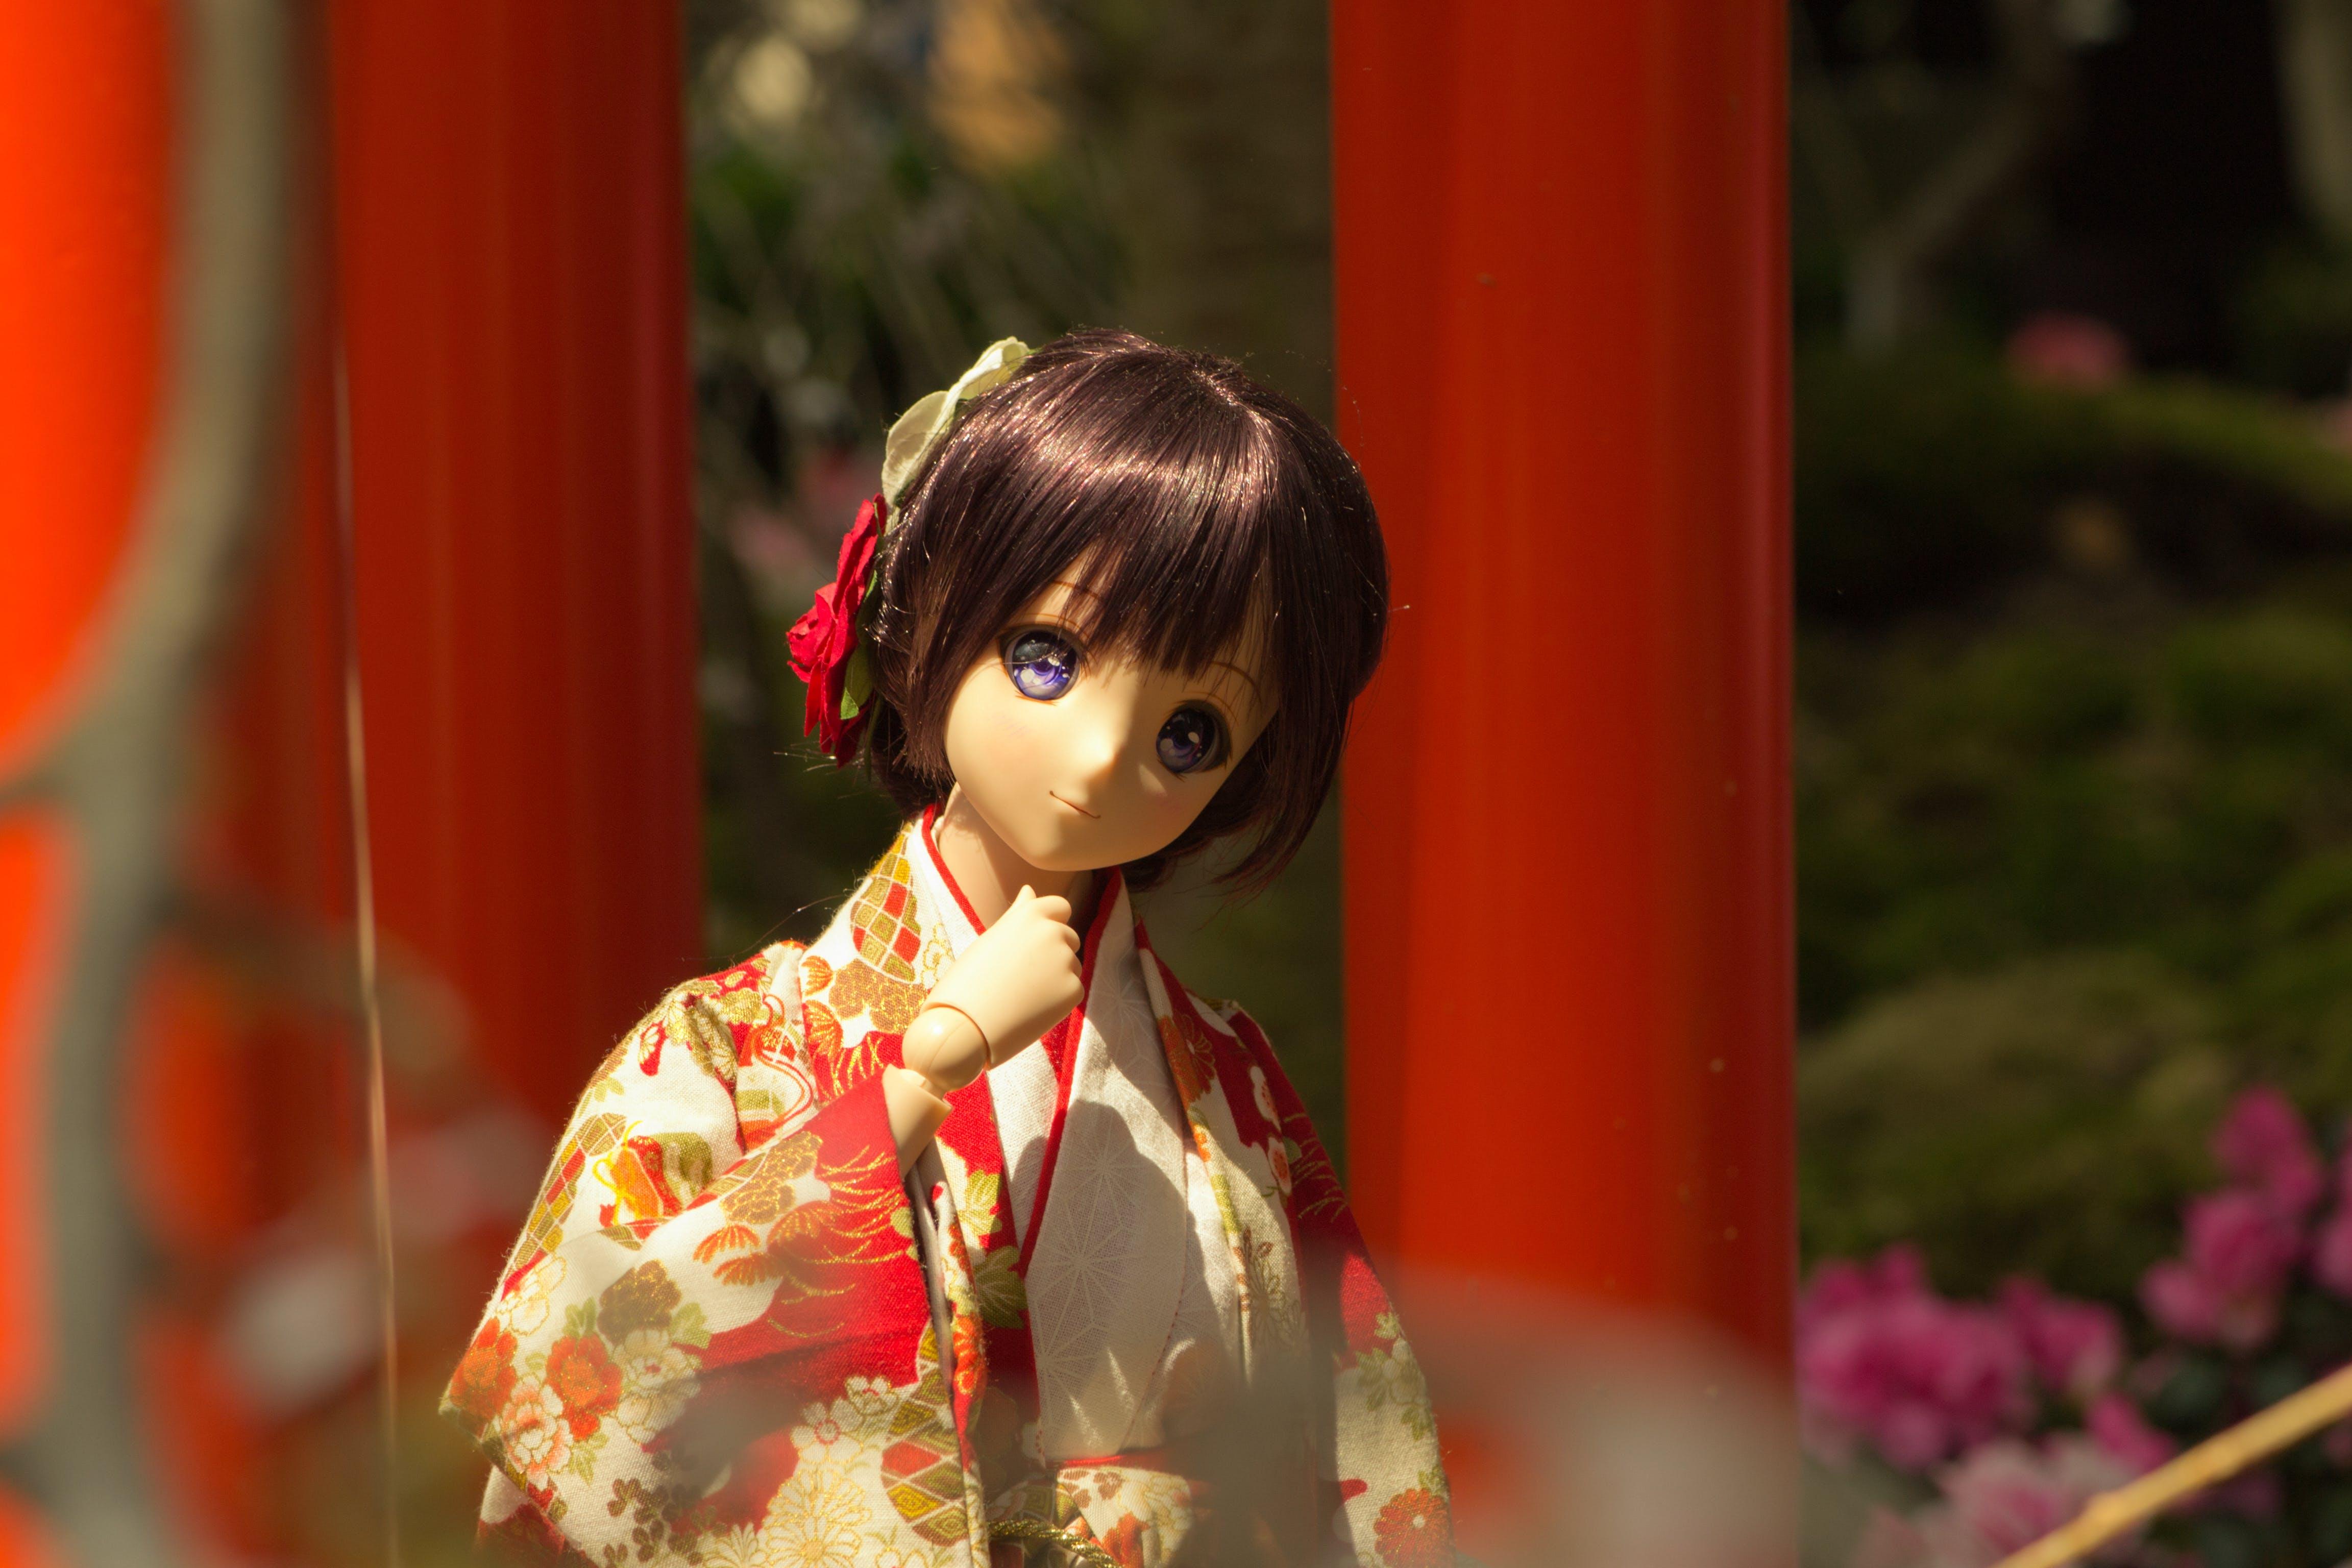 기모노, 벚꽃, 빨간, 인형의 무료 스톡 사진